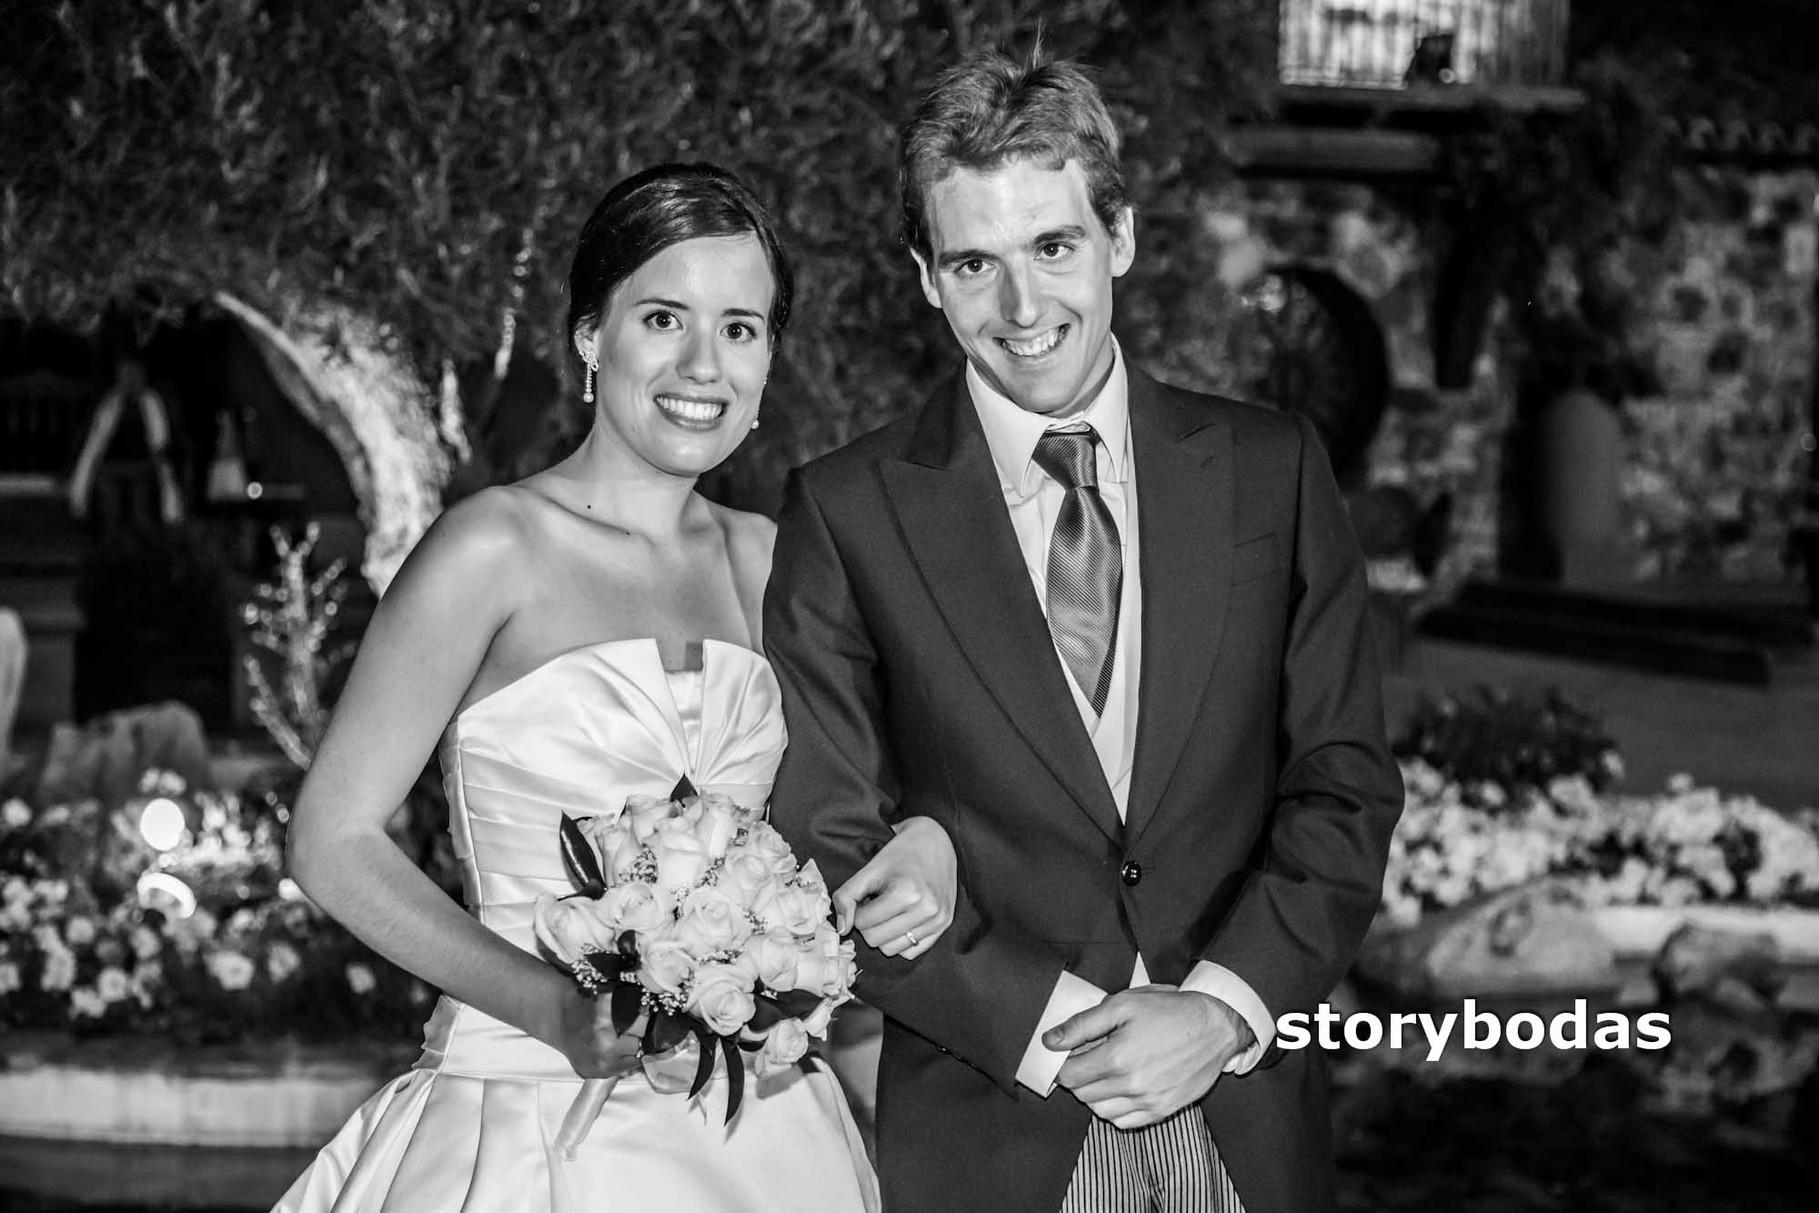 storybodas Fotos de pose novios boda 1